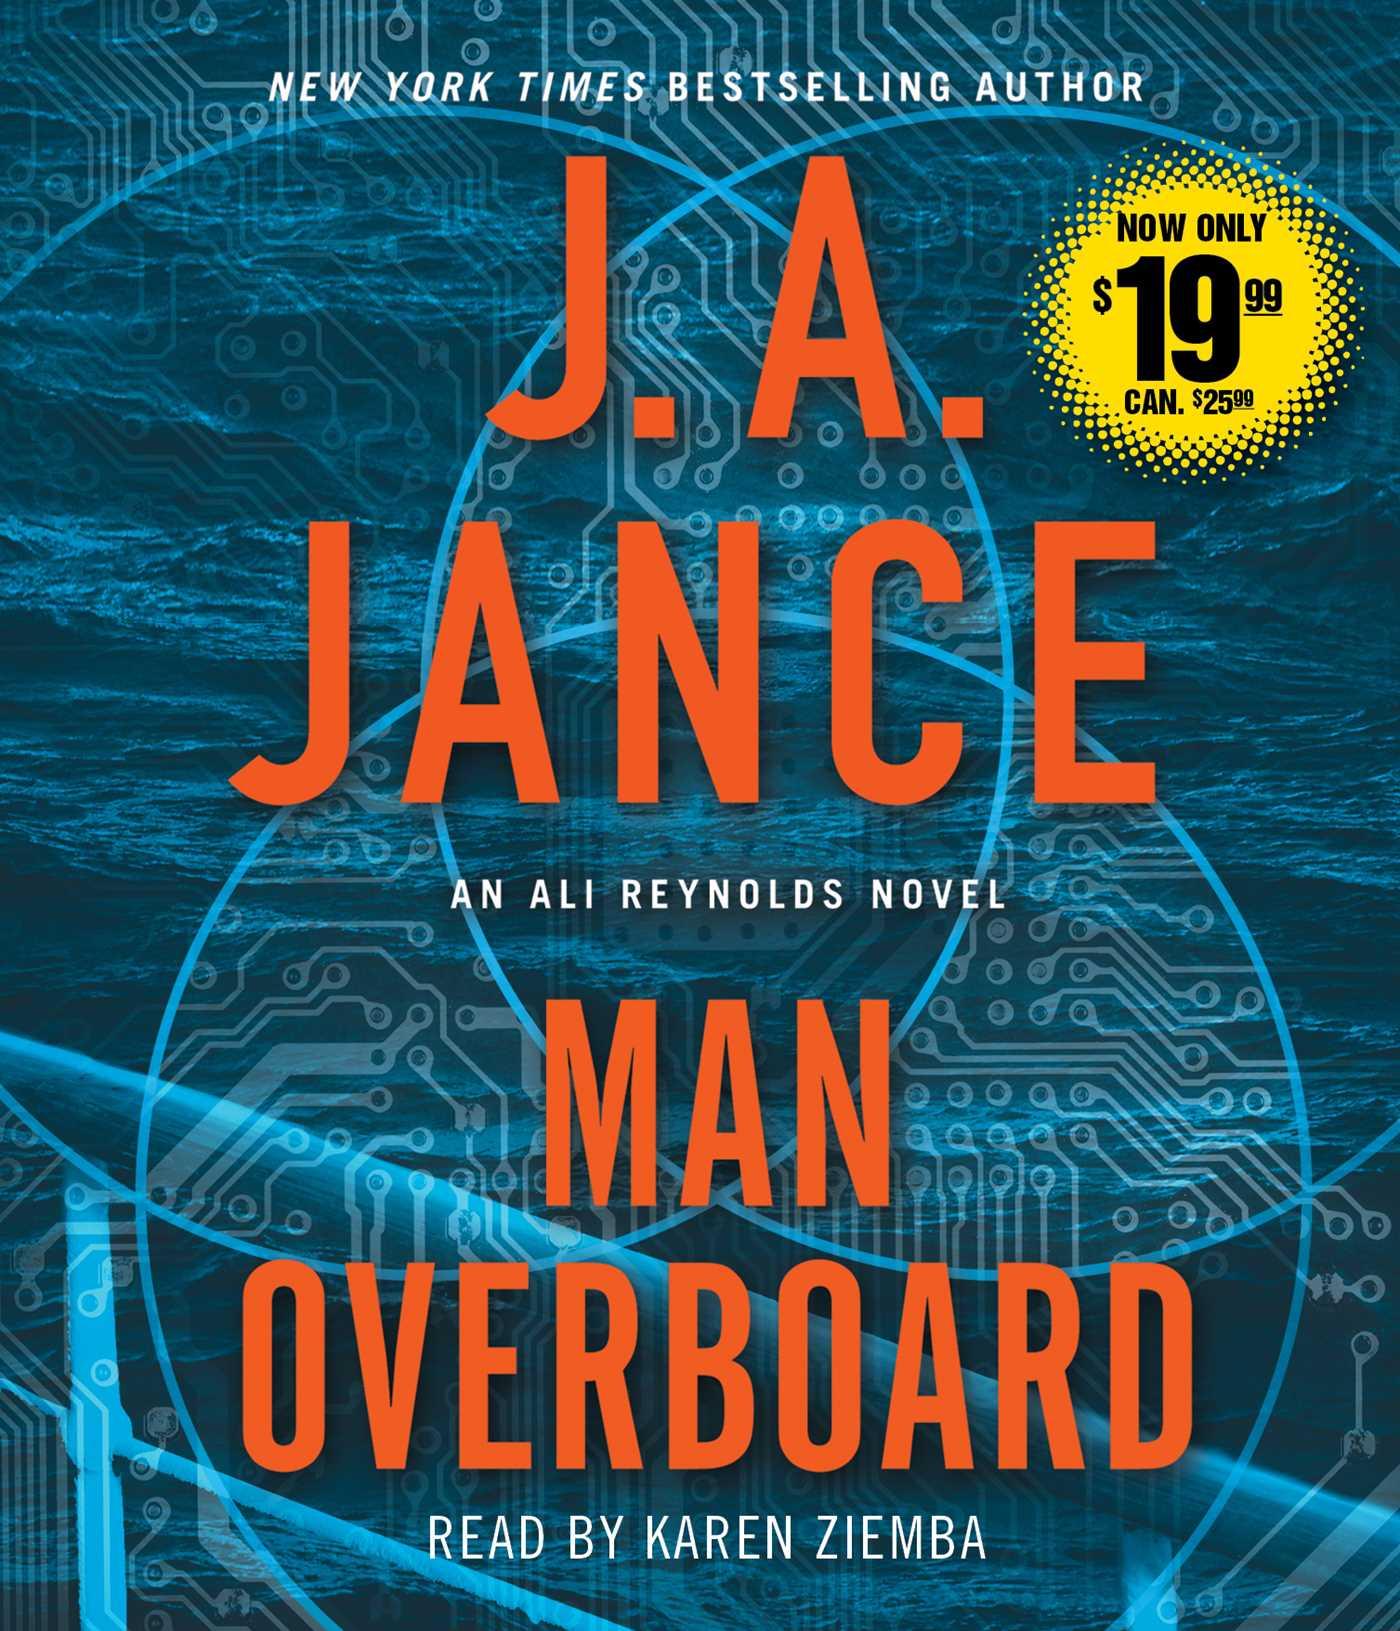 Man overboard 9781508249047 hr